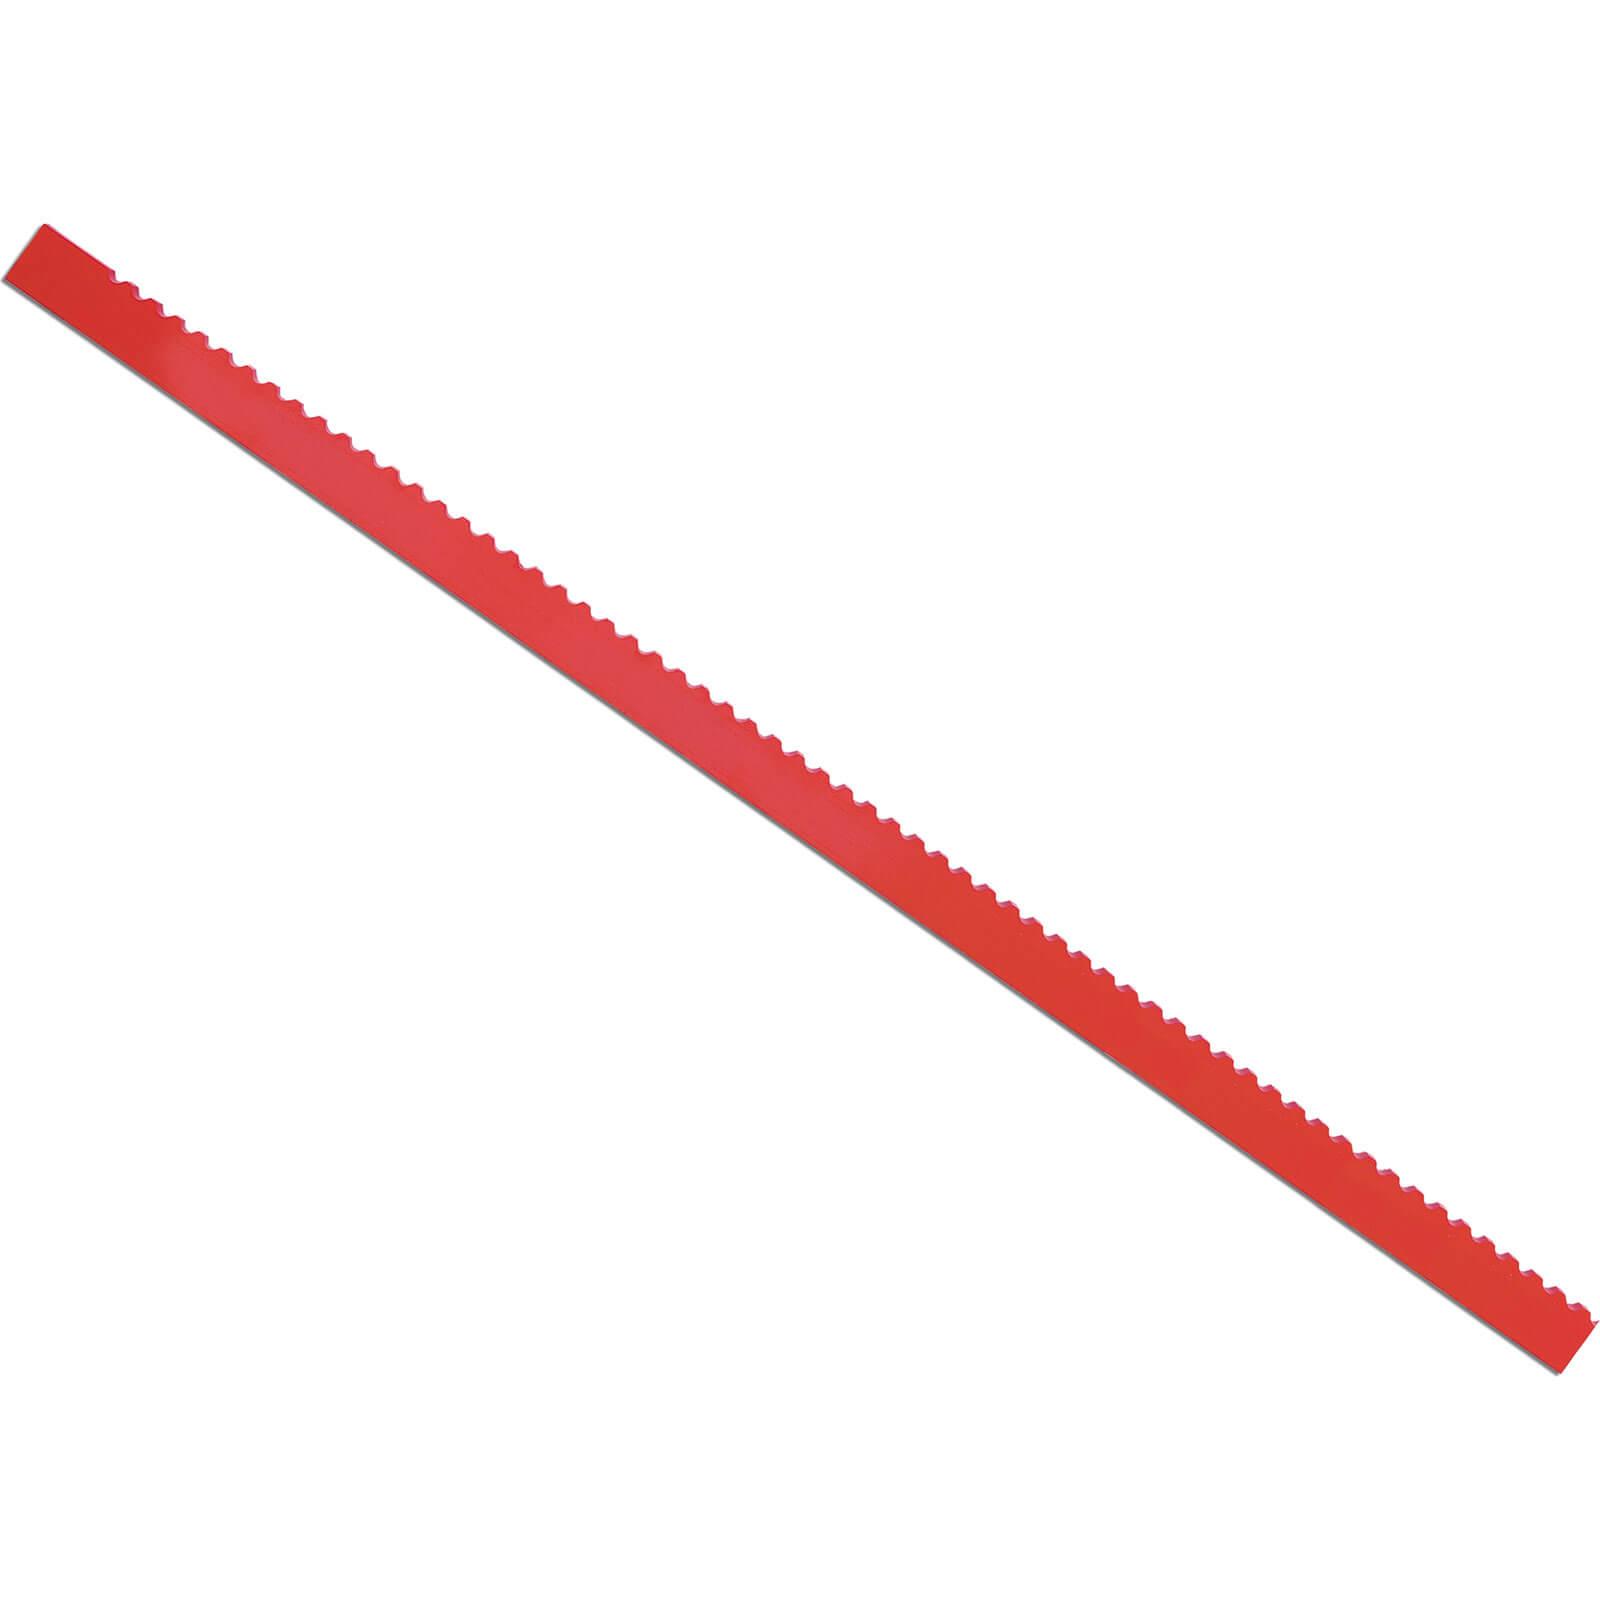 Image of Carver T186 Standard Bar 600mm